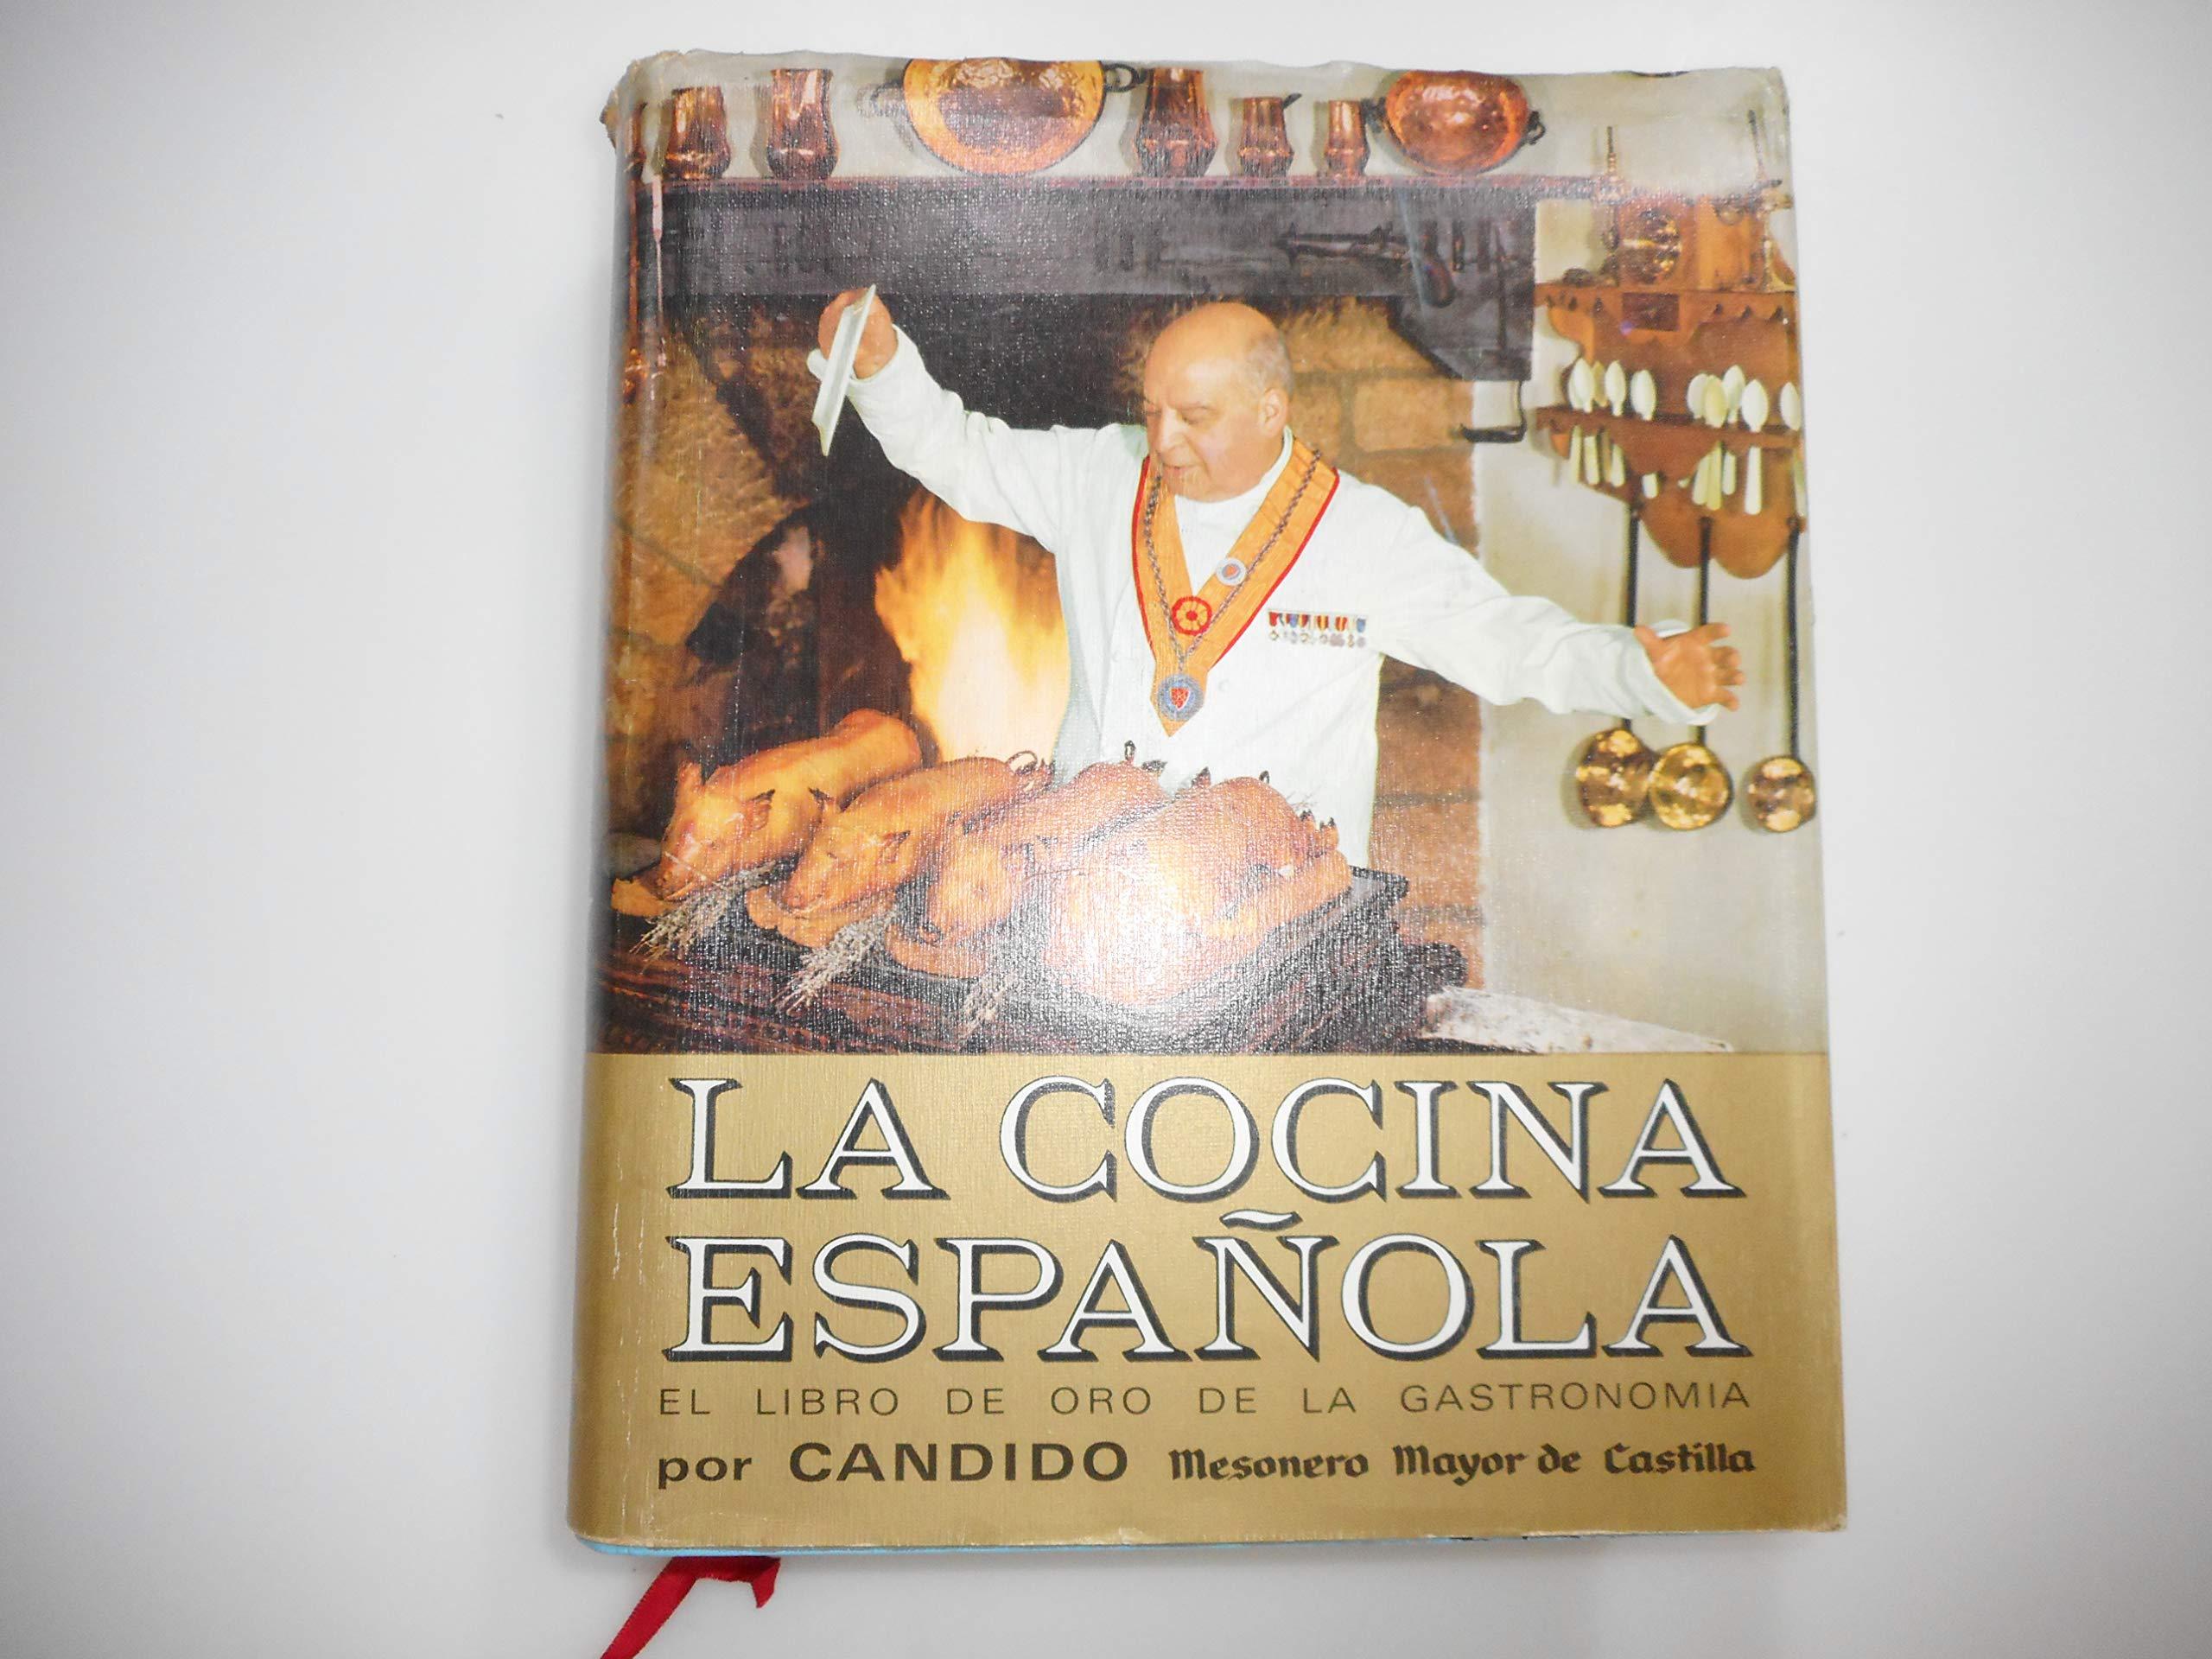 LA COCINA ESPAÑOLA: Amazon.es: CANDIDO (Mesonero Mayor de Castilla ...